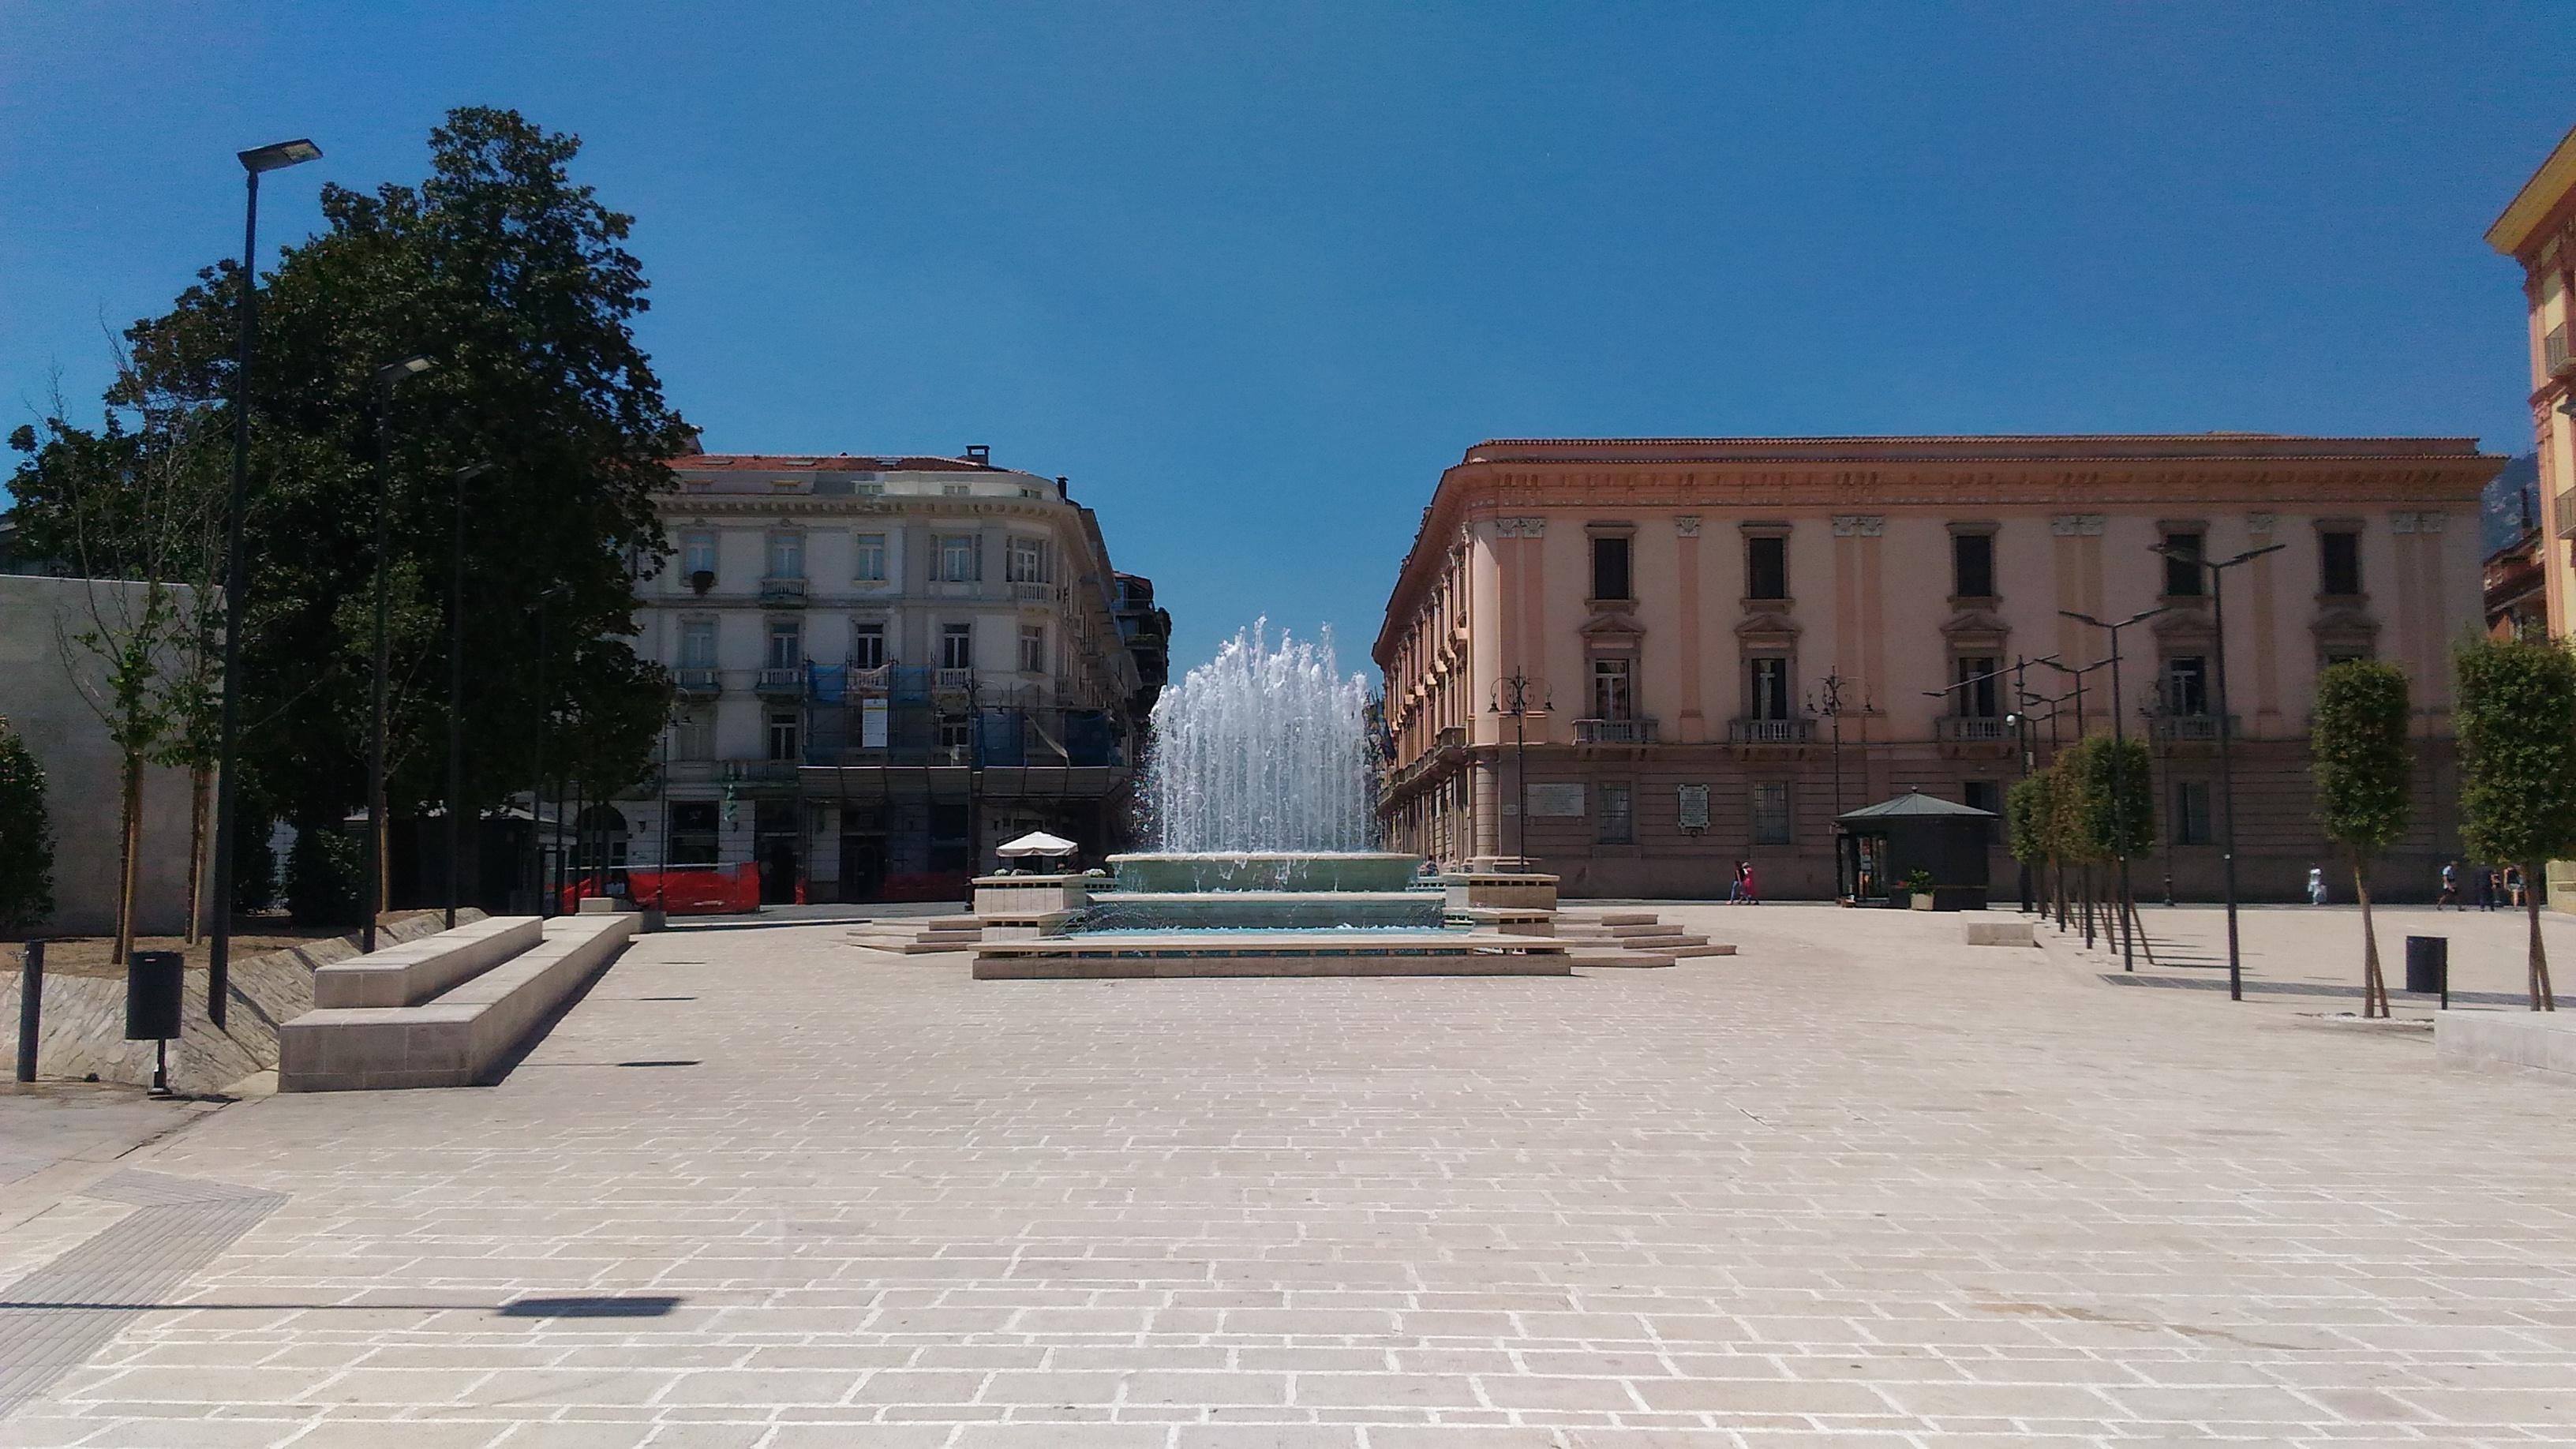 Avellino| Salute-Sport e Solidarietà, a Piazza Libertà la IV edizione del Campus3S